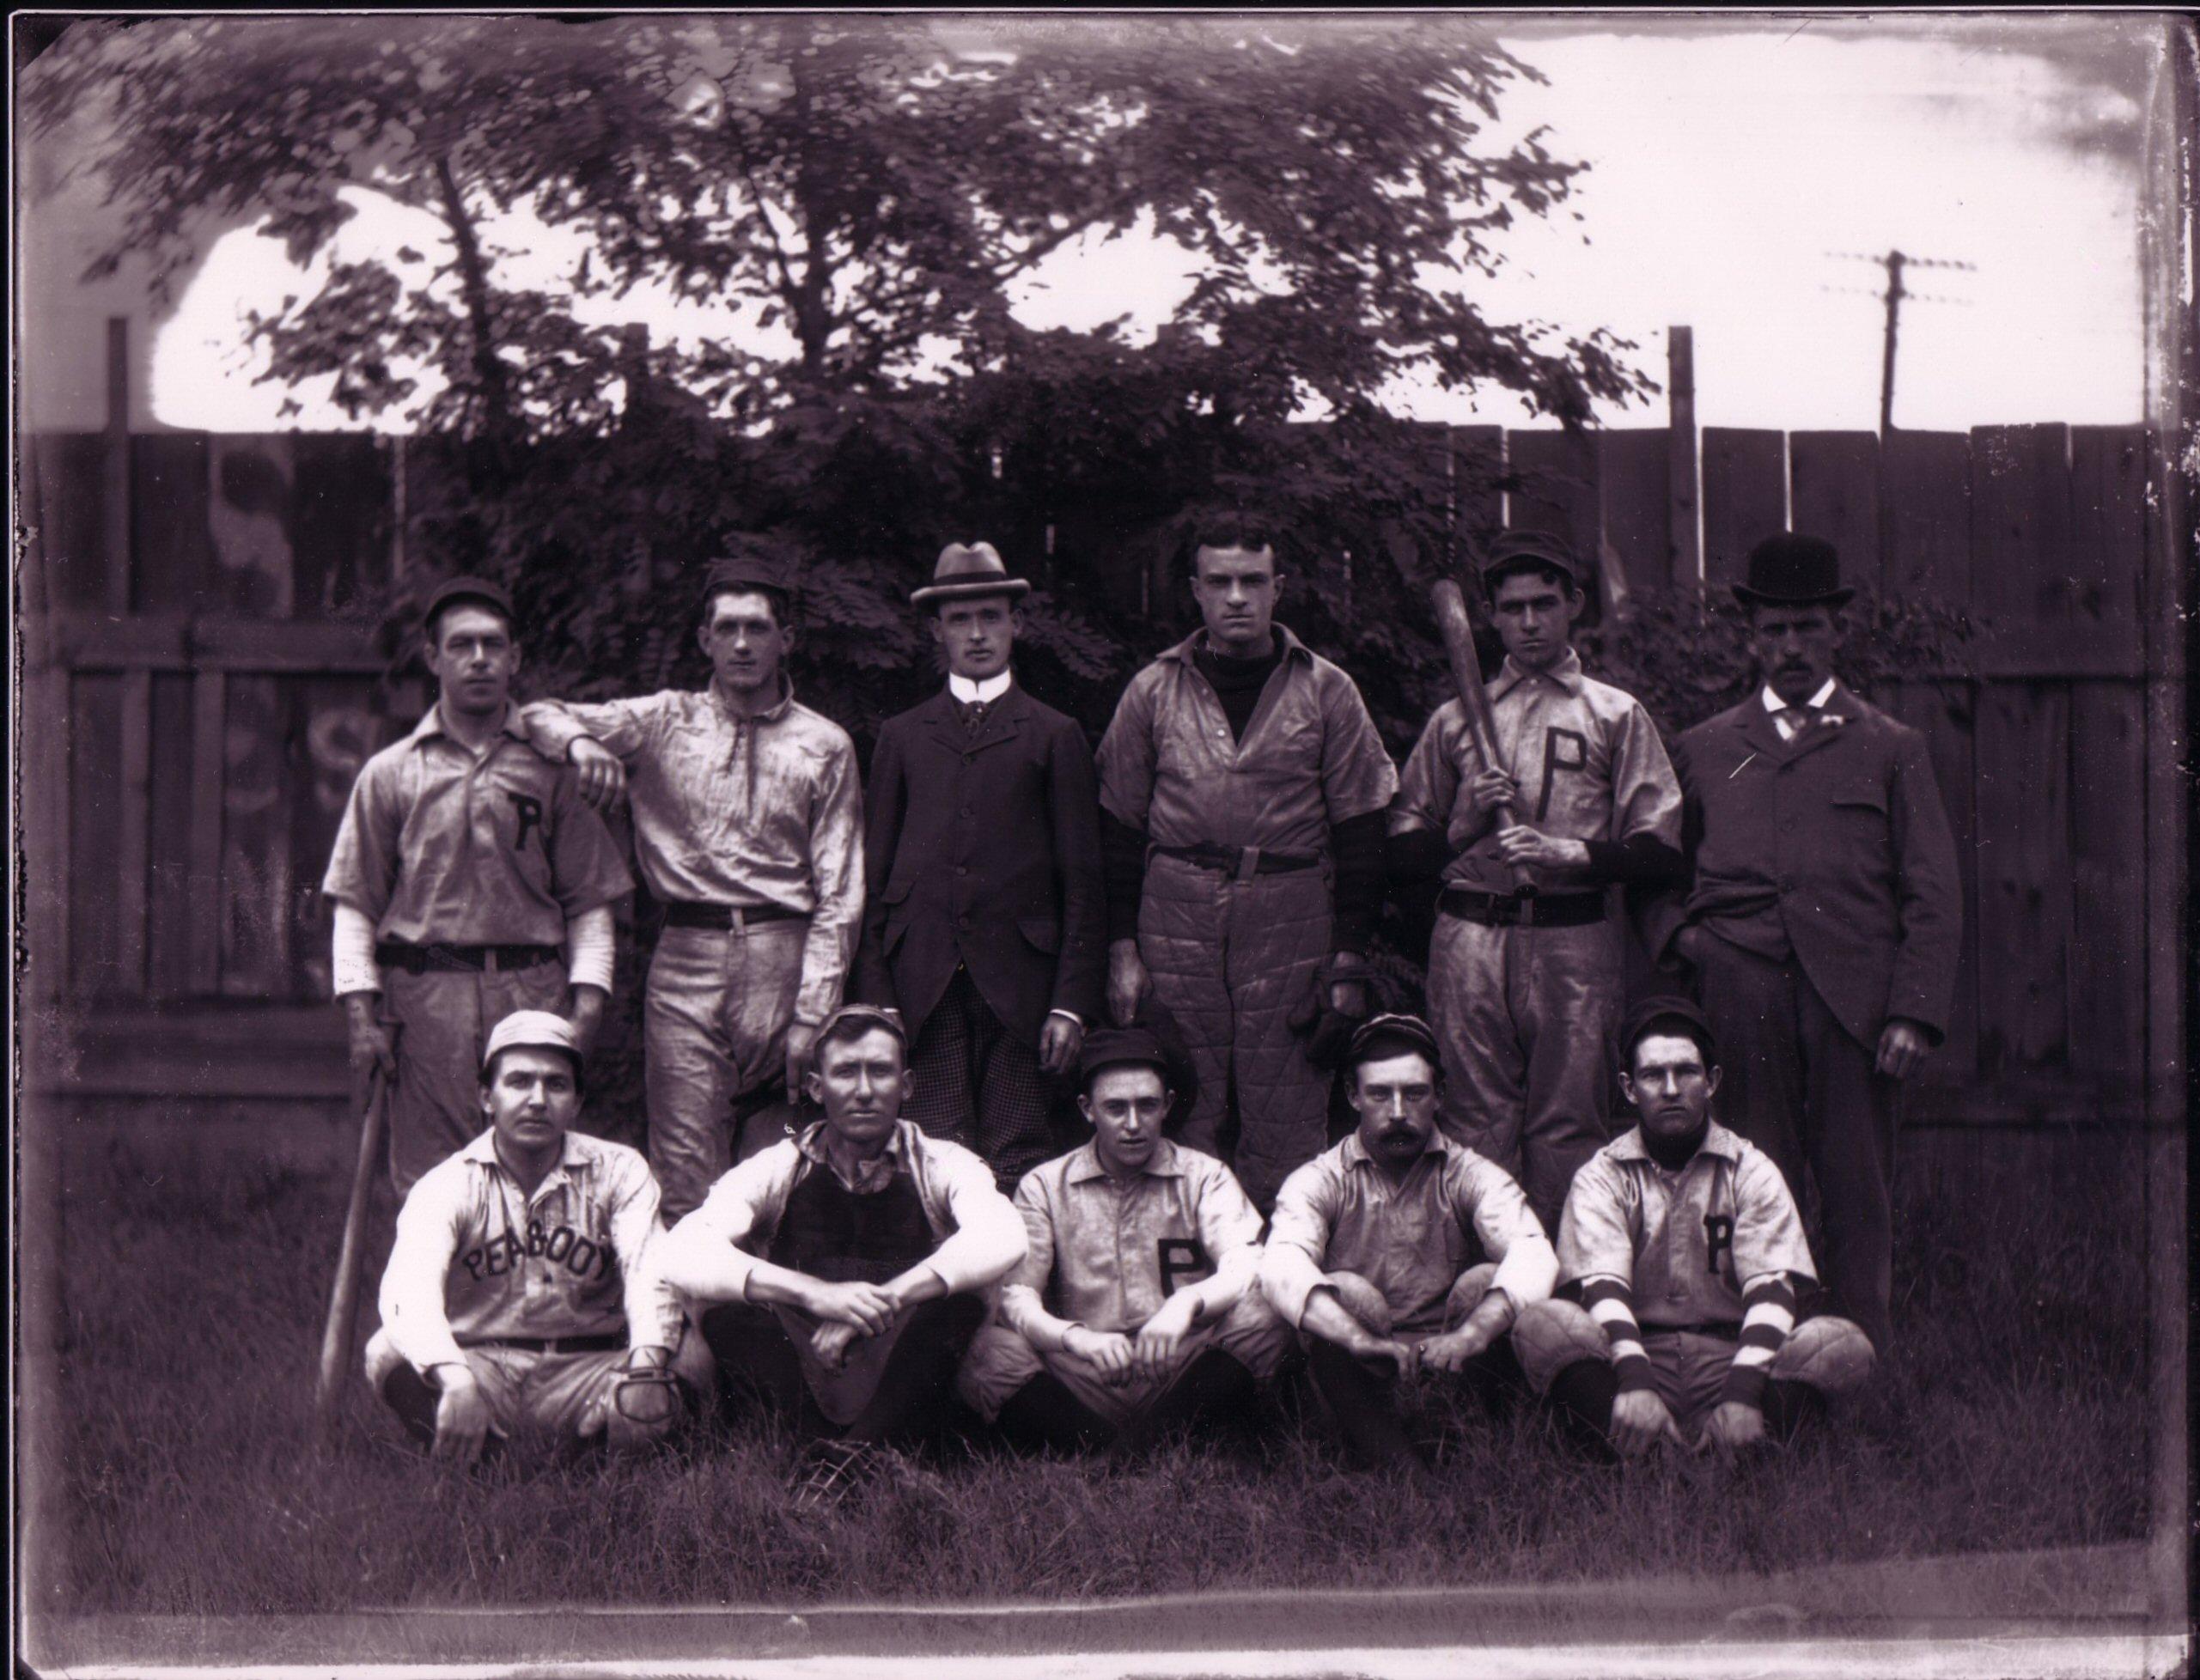 Peabody Baseball Team of 1899